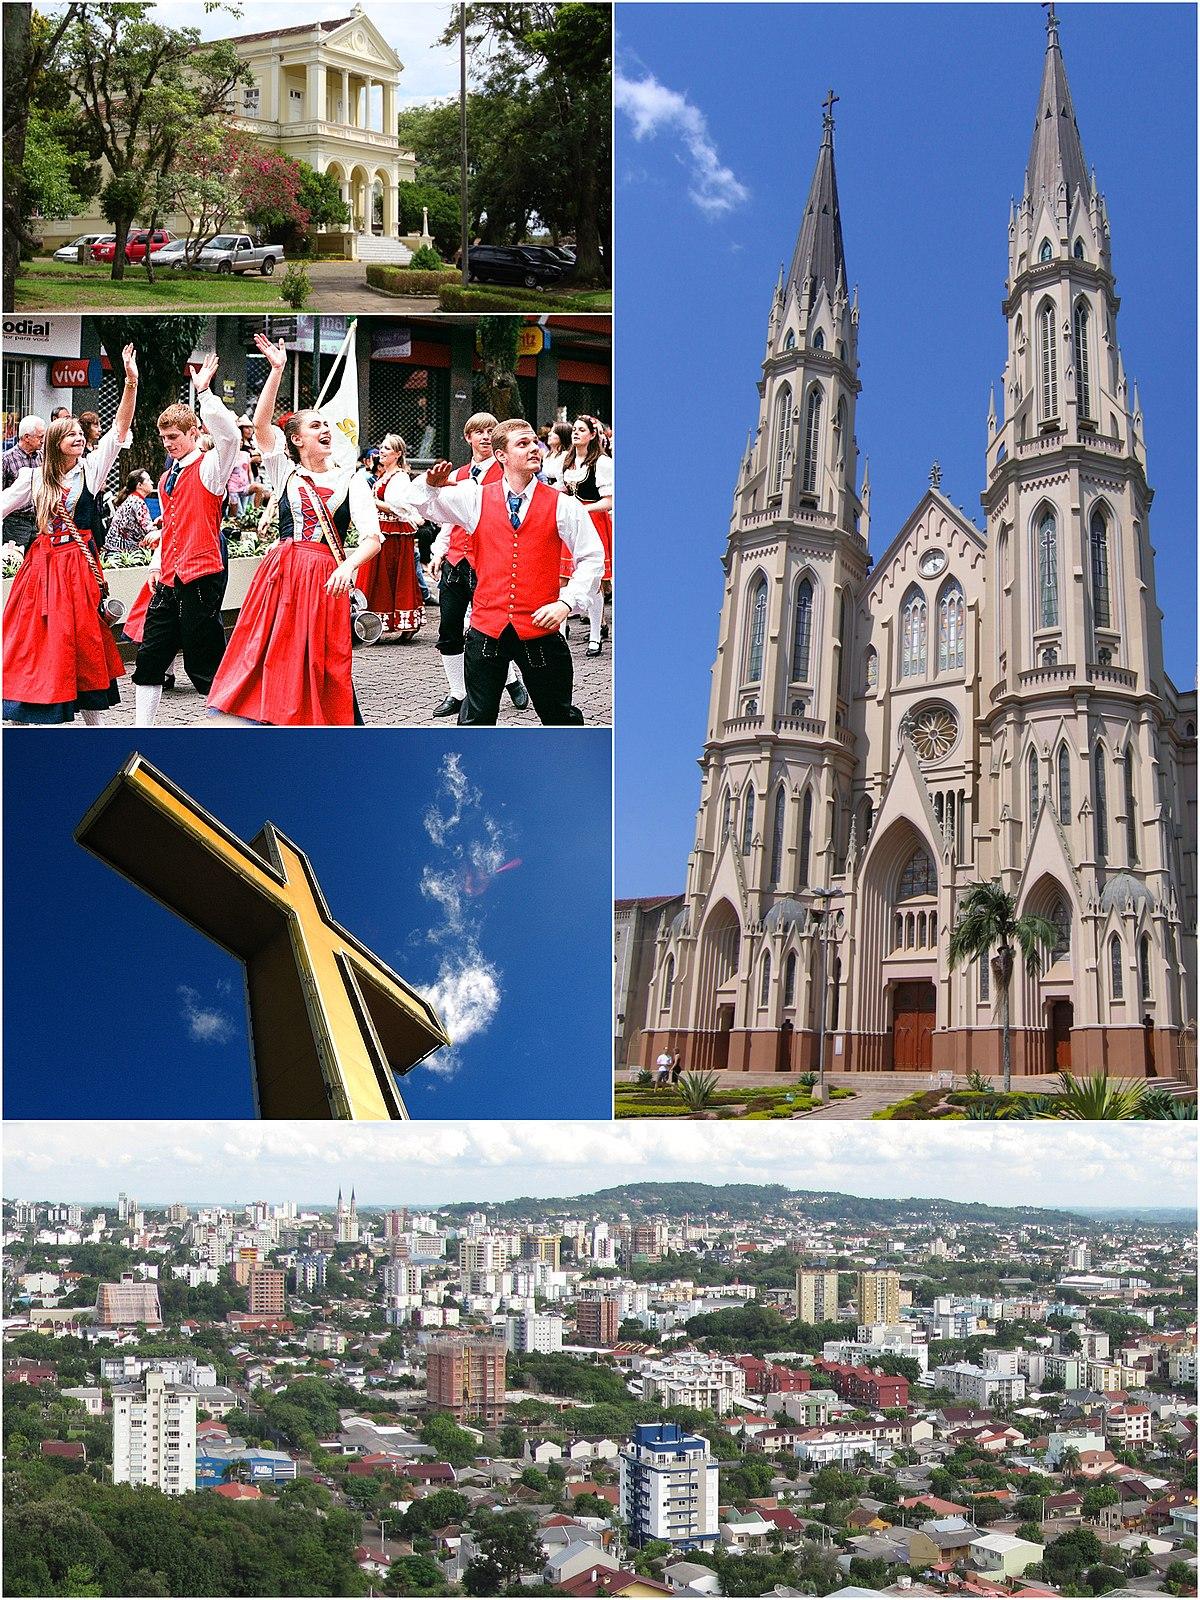 Santa cruz do sul wikip dia a enciclop dia livre for A mobilia santa cruz do sul